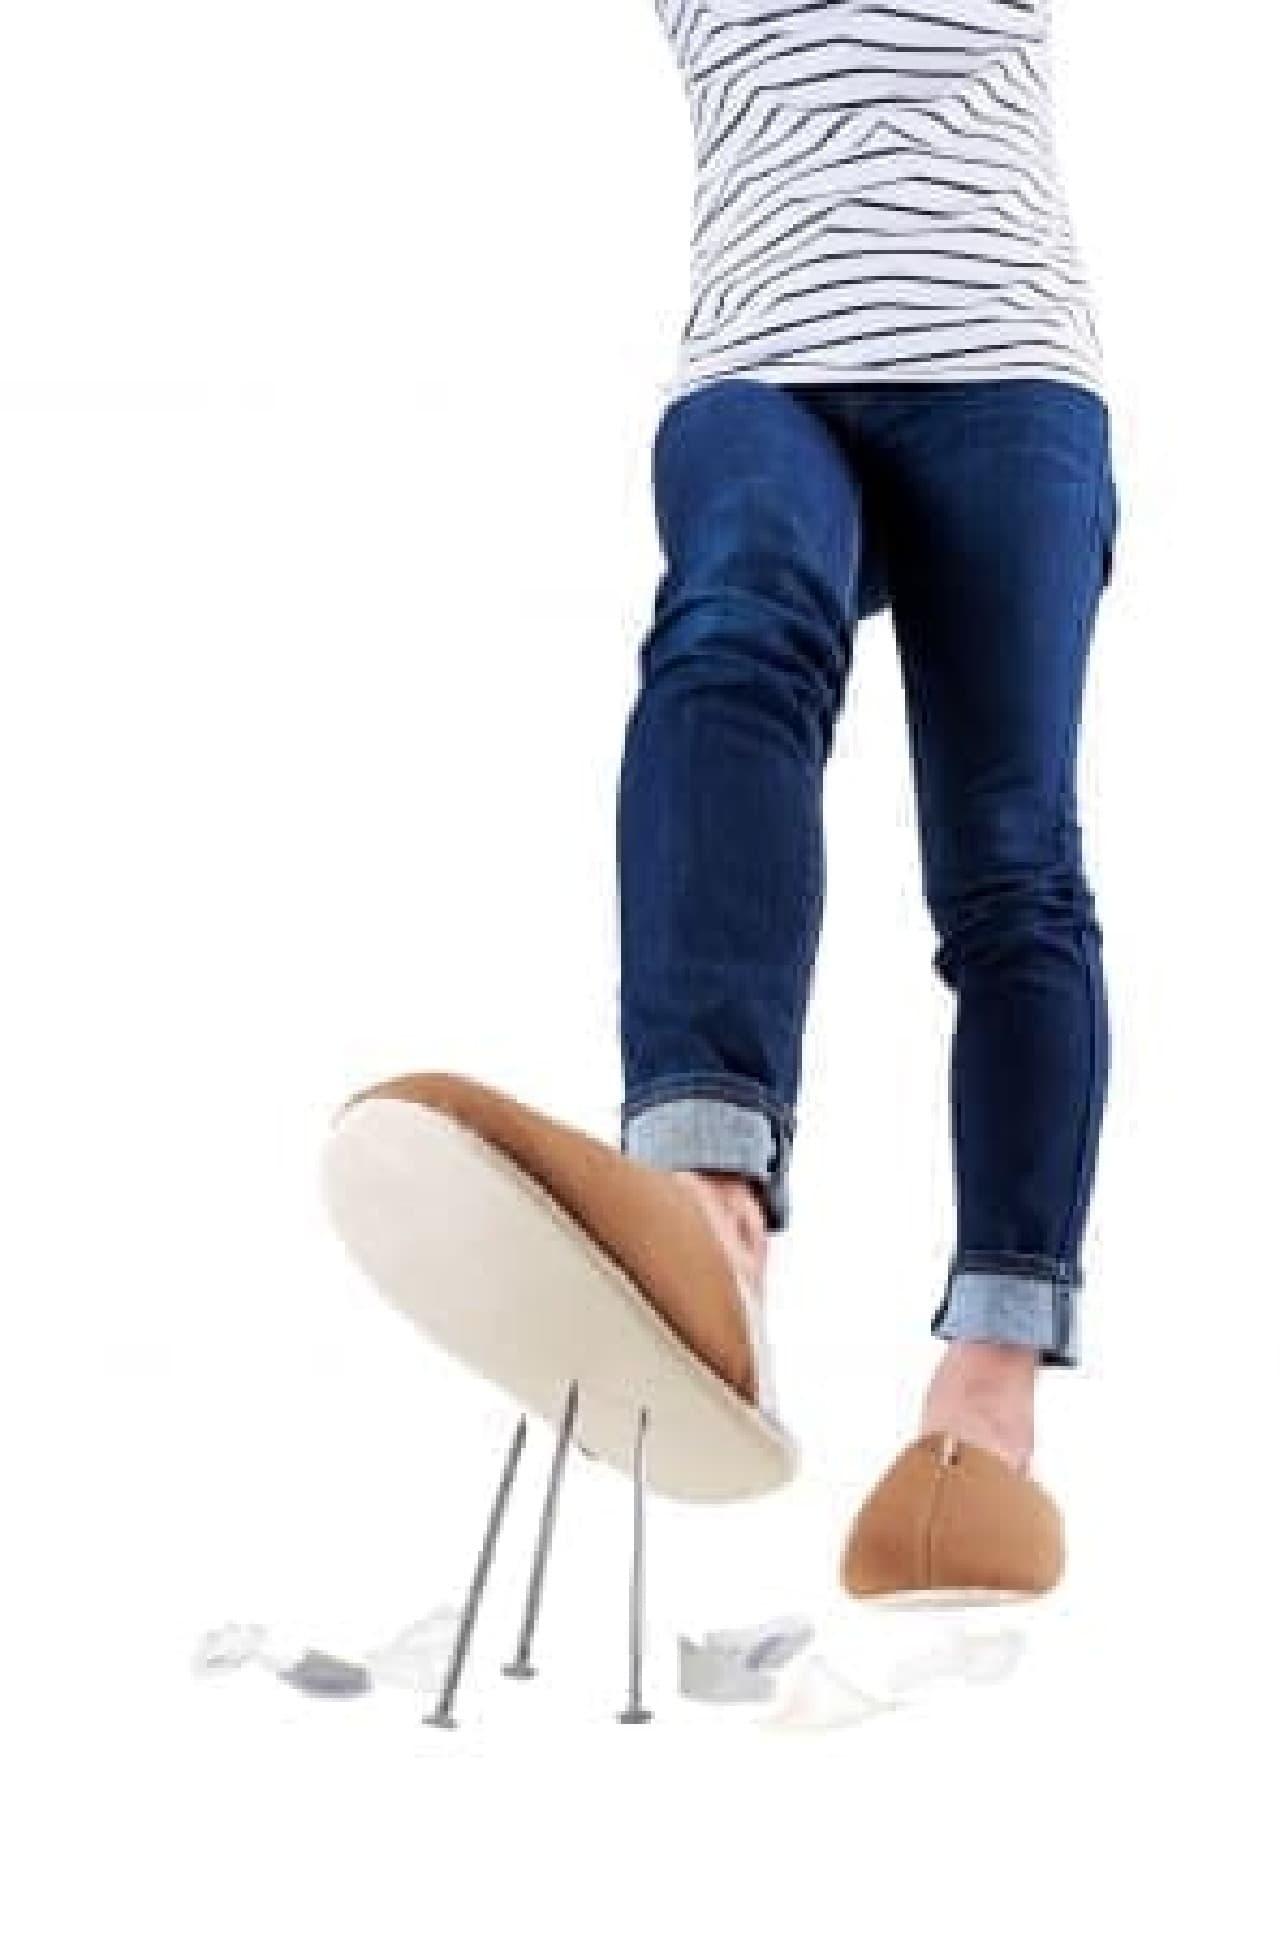 ガラス片から足を守る!普段から履けて洗える防災スリッパ「足まもりっぱ」